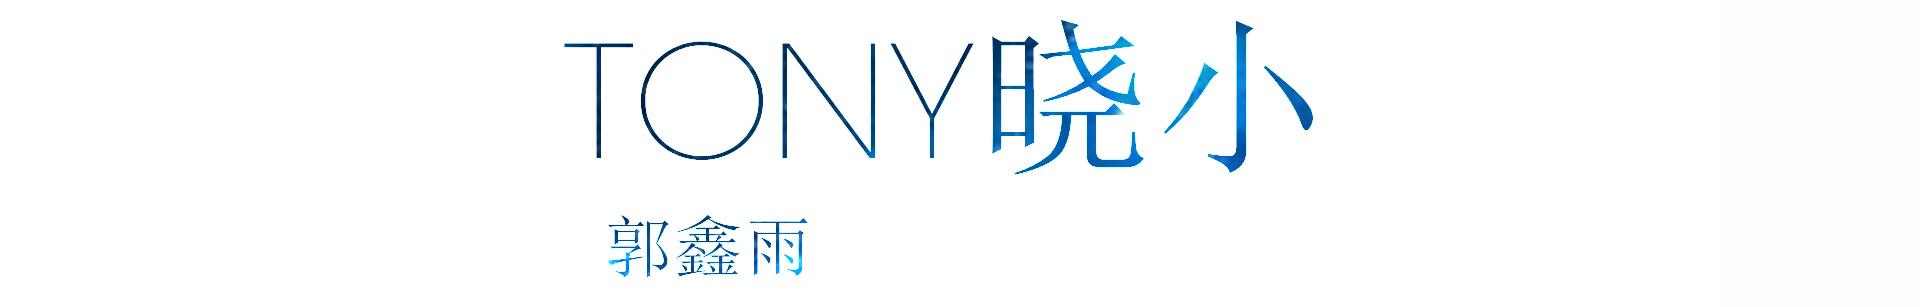 鑫雨动漫模玩 banner